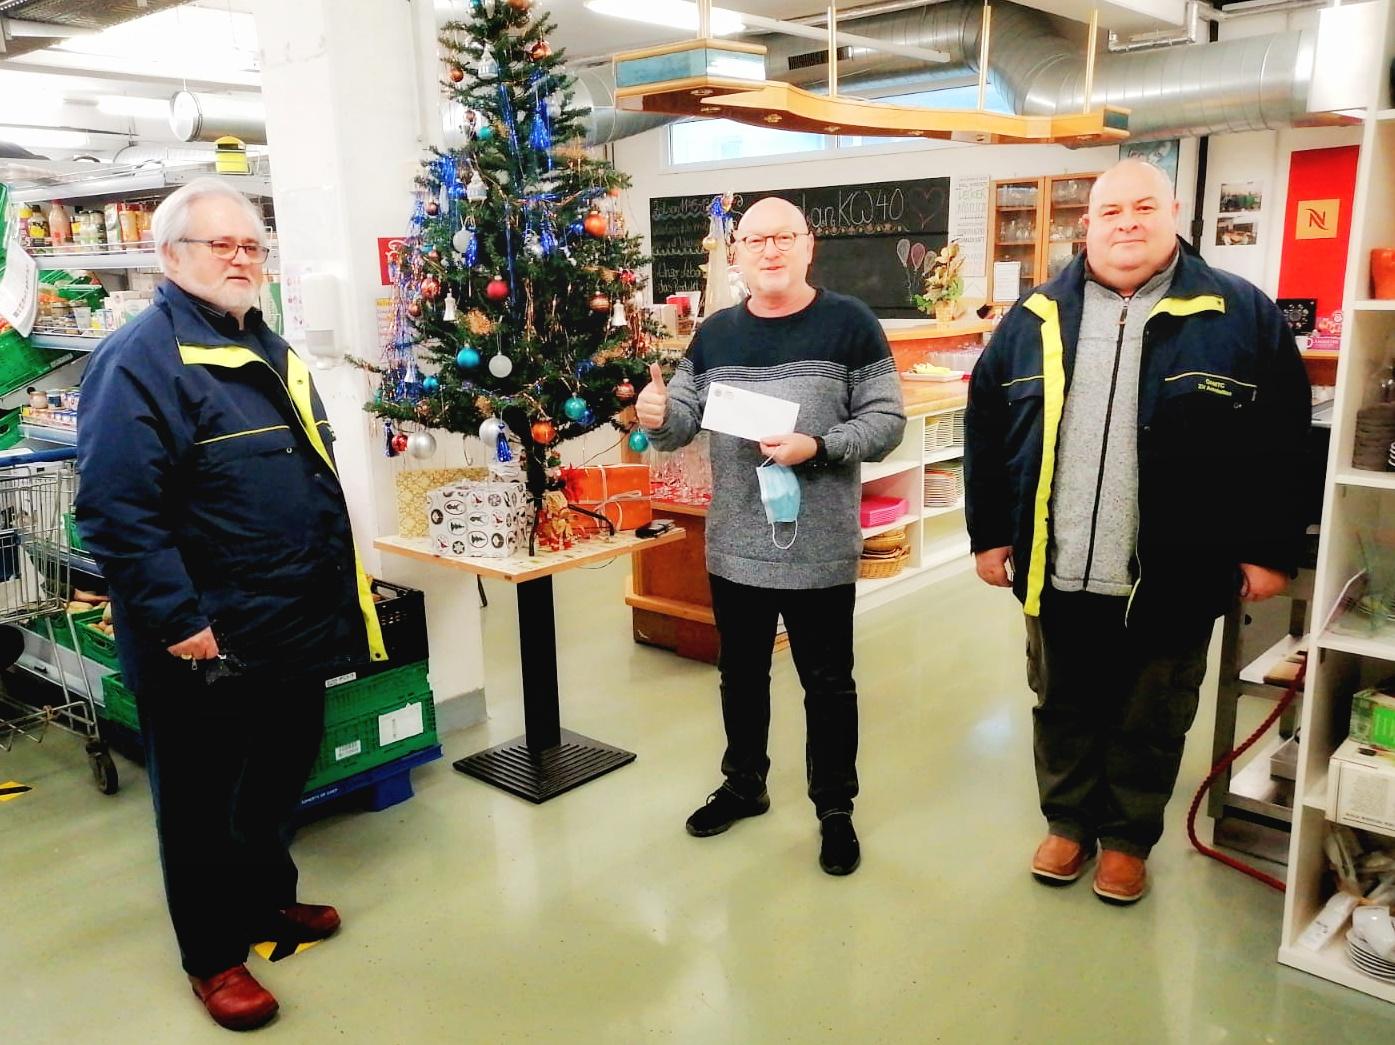 Der ÖAMTC Zweigverein Amstetten überreicht dem soogut-Sozialmarkt in Amstetten eine Spende in der Höhe von 150 Euro.